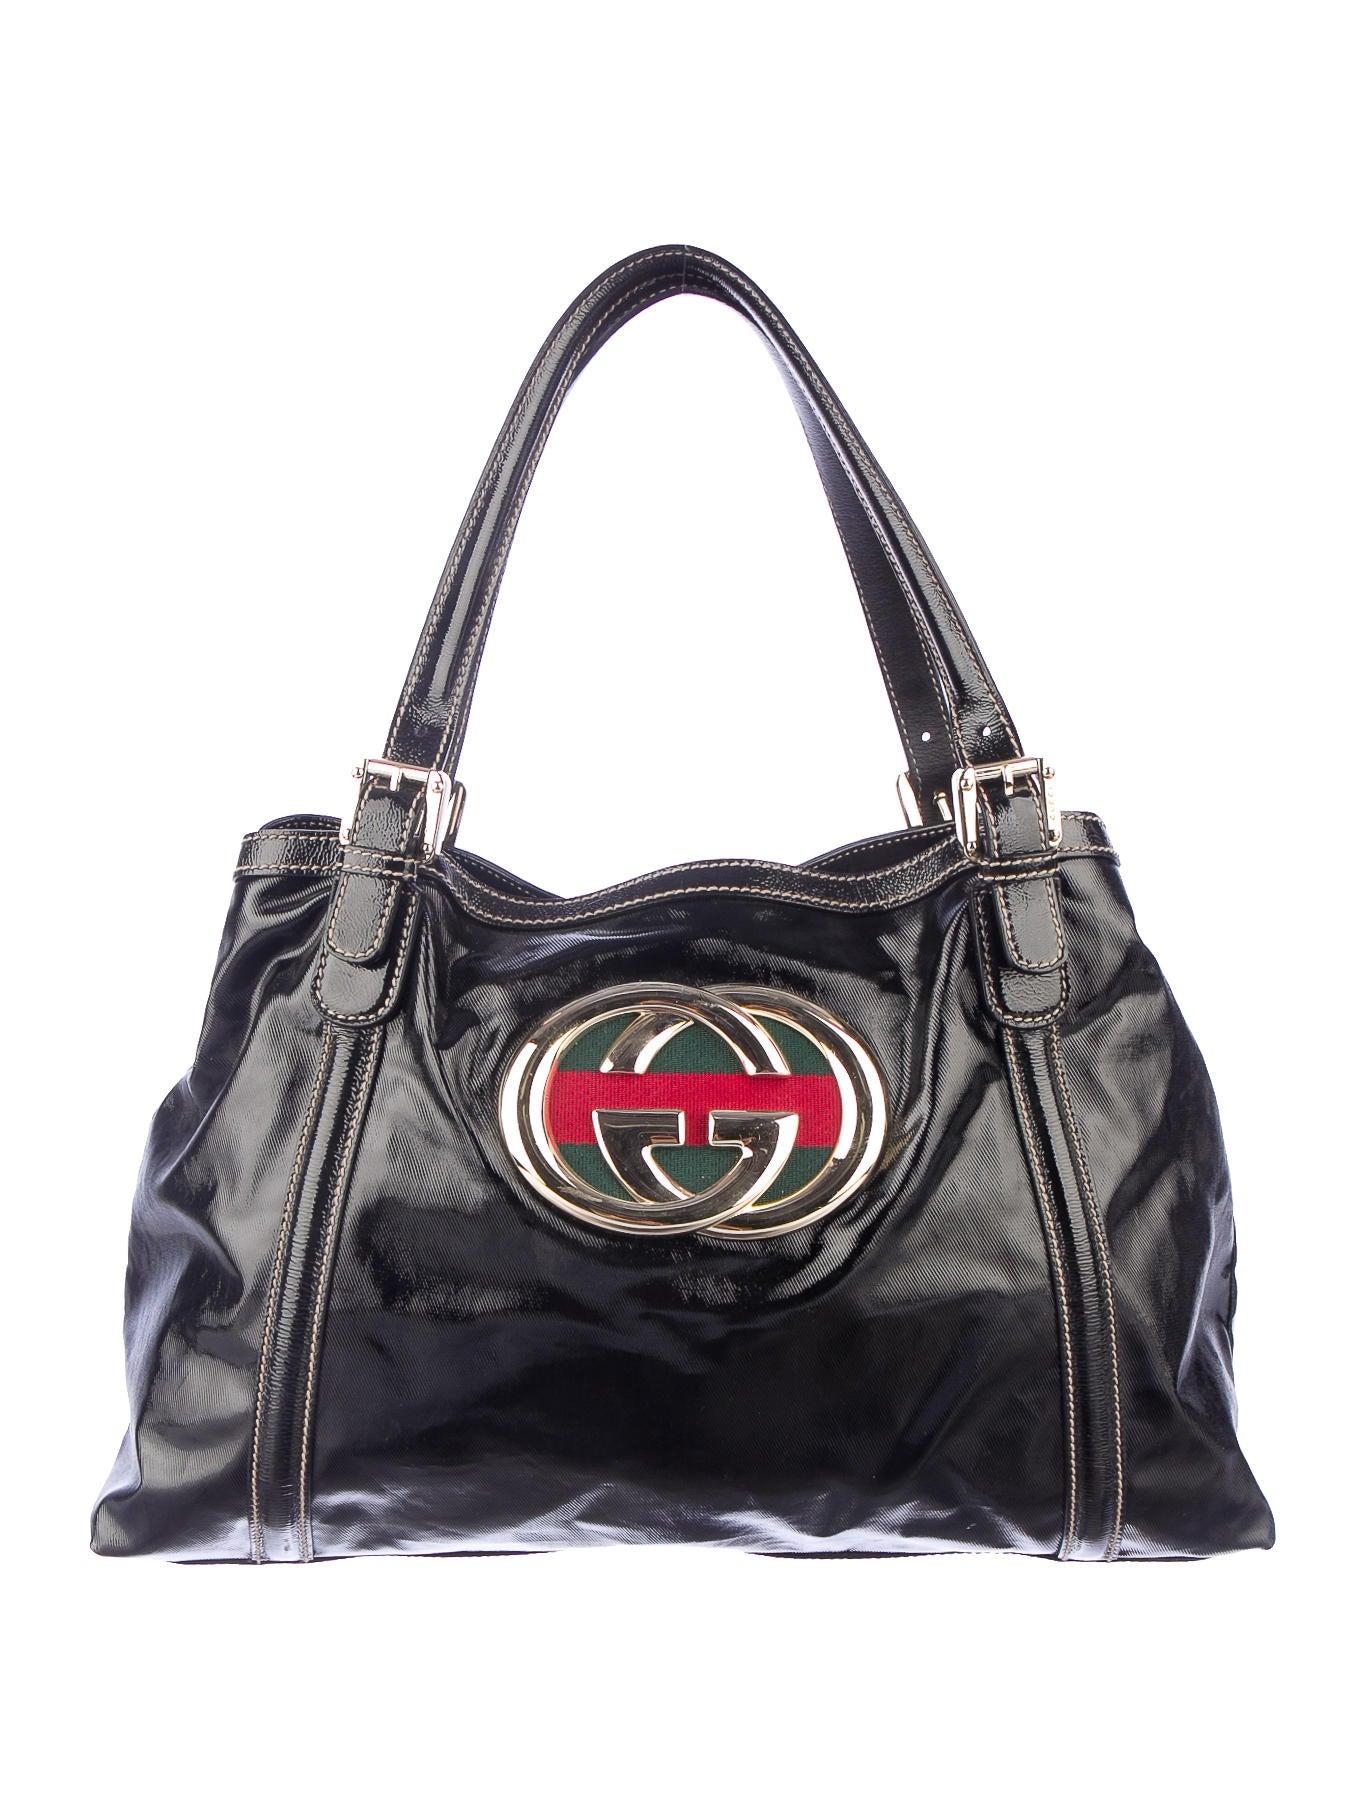 15fe8456fad0 Gucci Dialux Britt Tote - Handbags - GUC40998   The RealReal